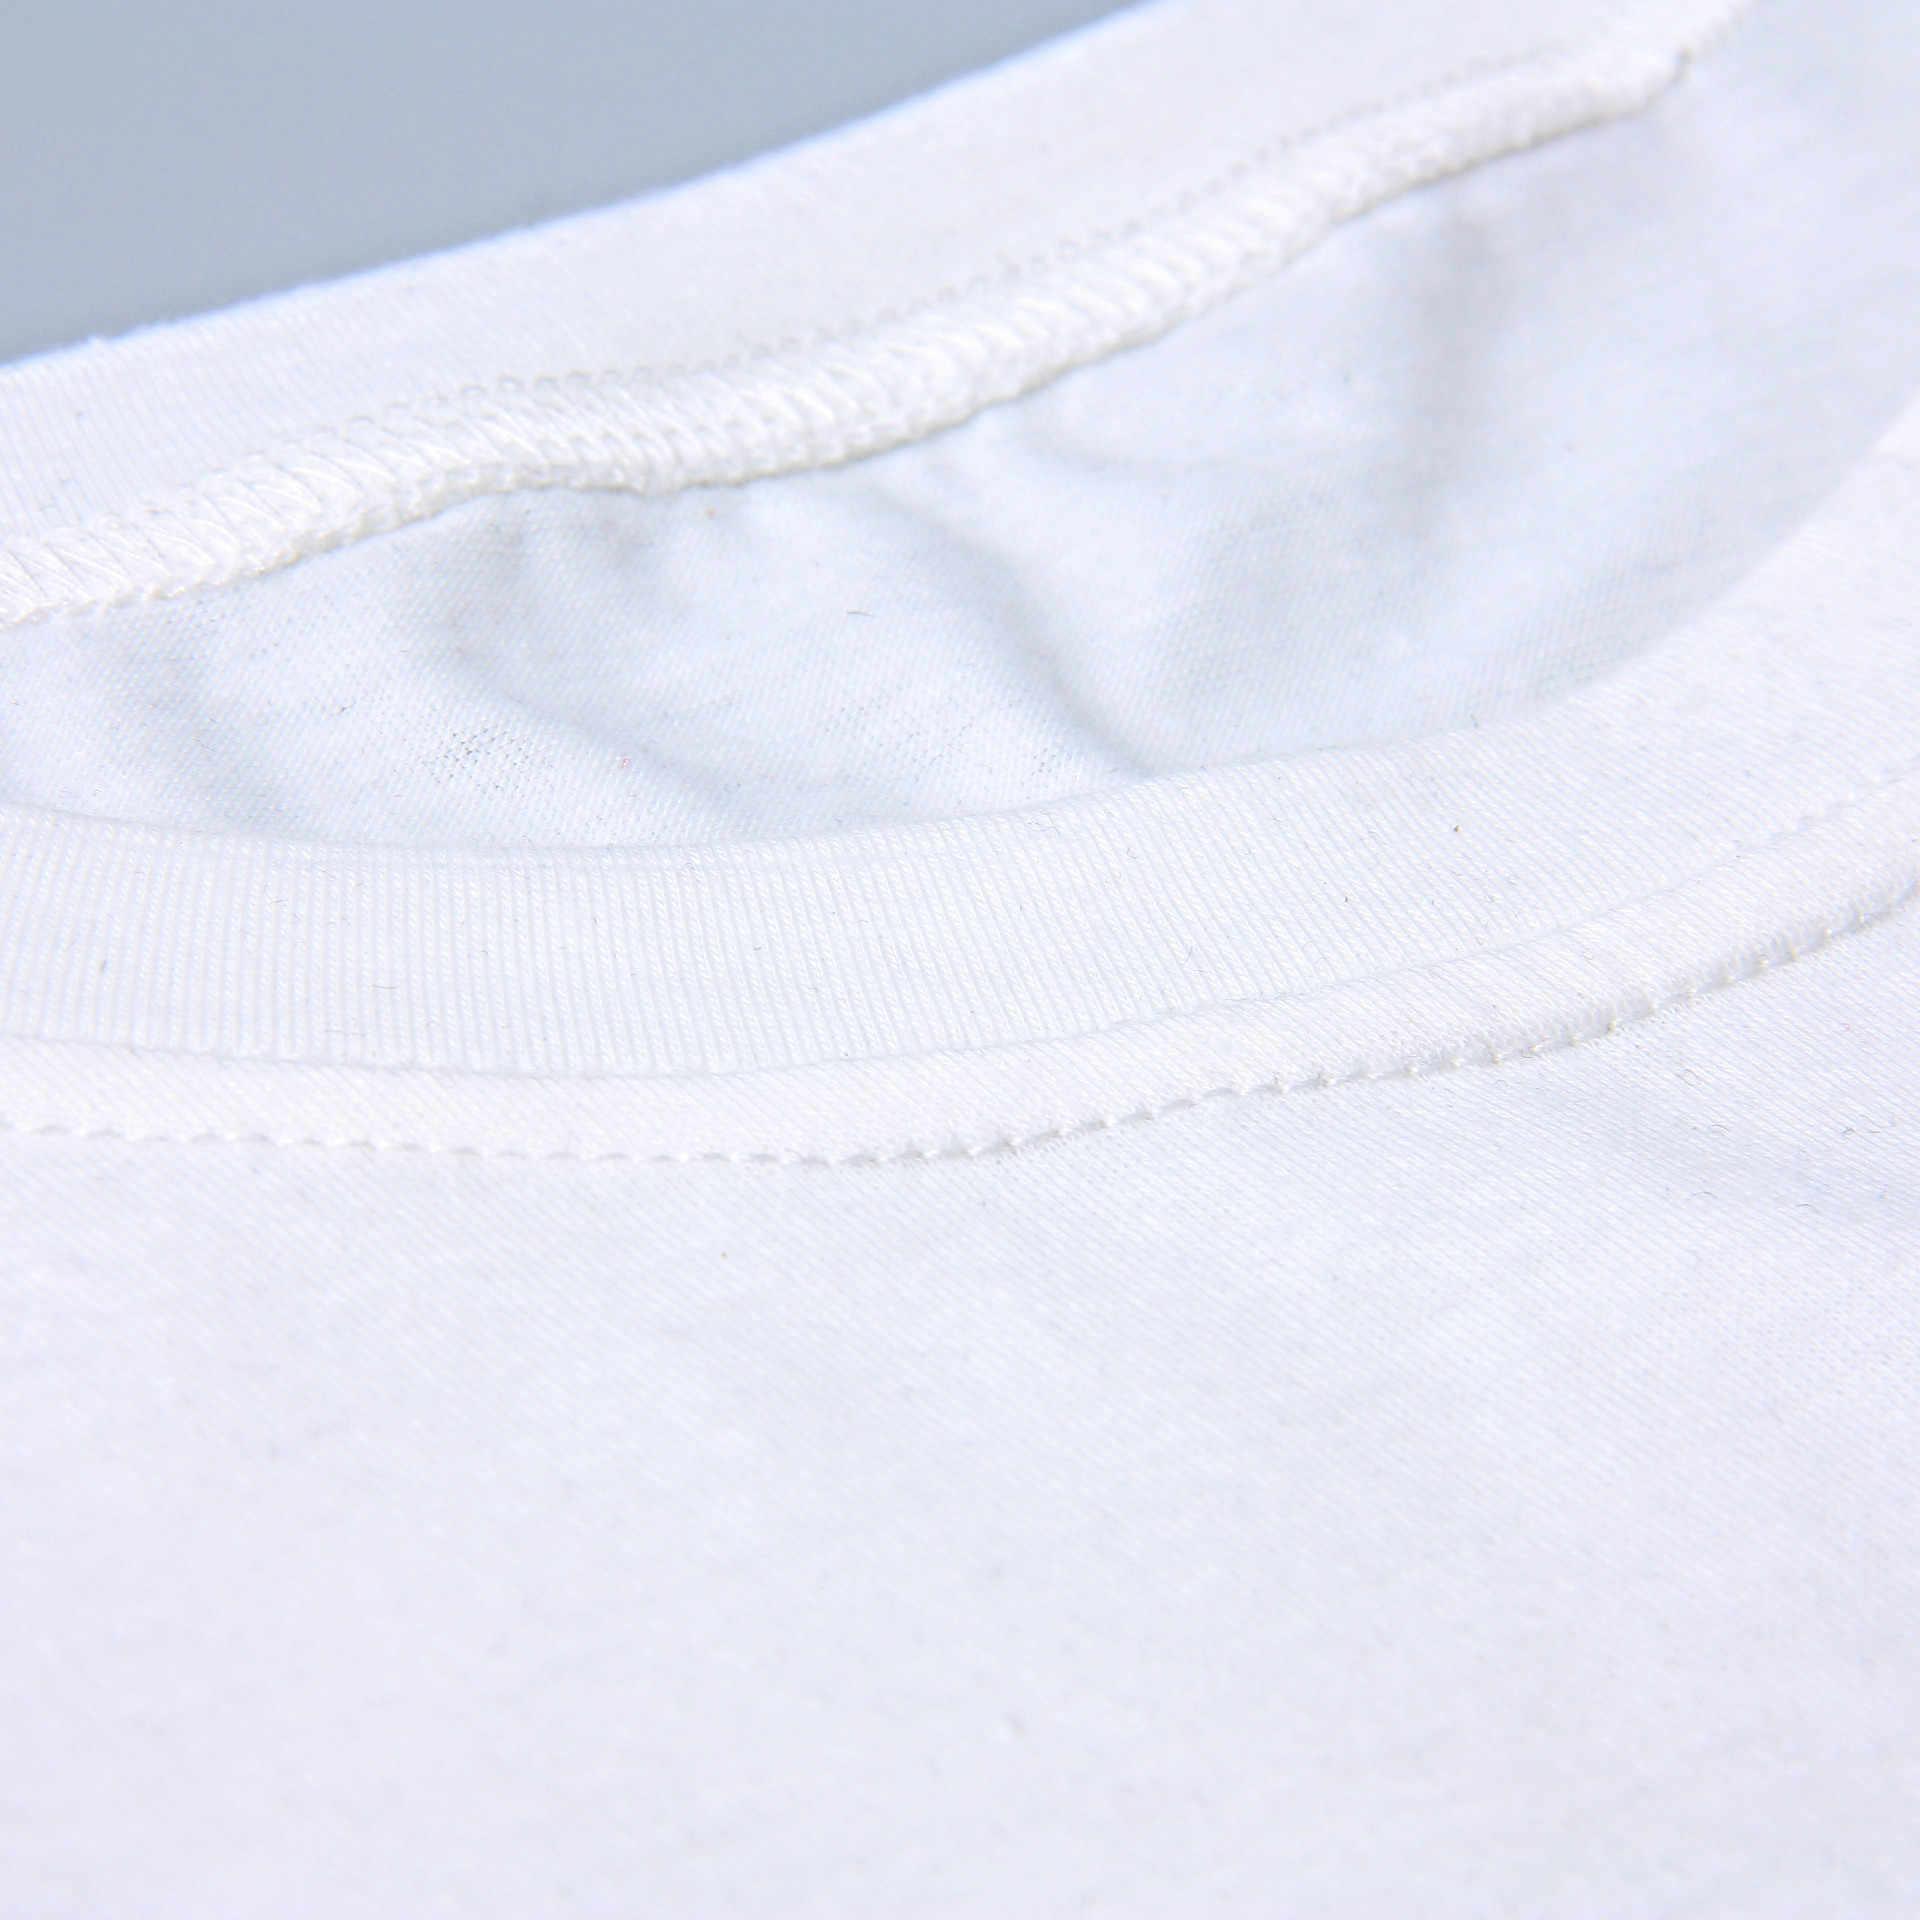 حارب مثل فتاة إلكتروني طباعة T قميص المرأة قصيرة الأكمام يا الرقبة فضفاض التي شيرت 2019 الصيف المرأة المحملة قميص قمم Camisetas موهير